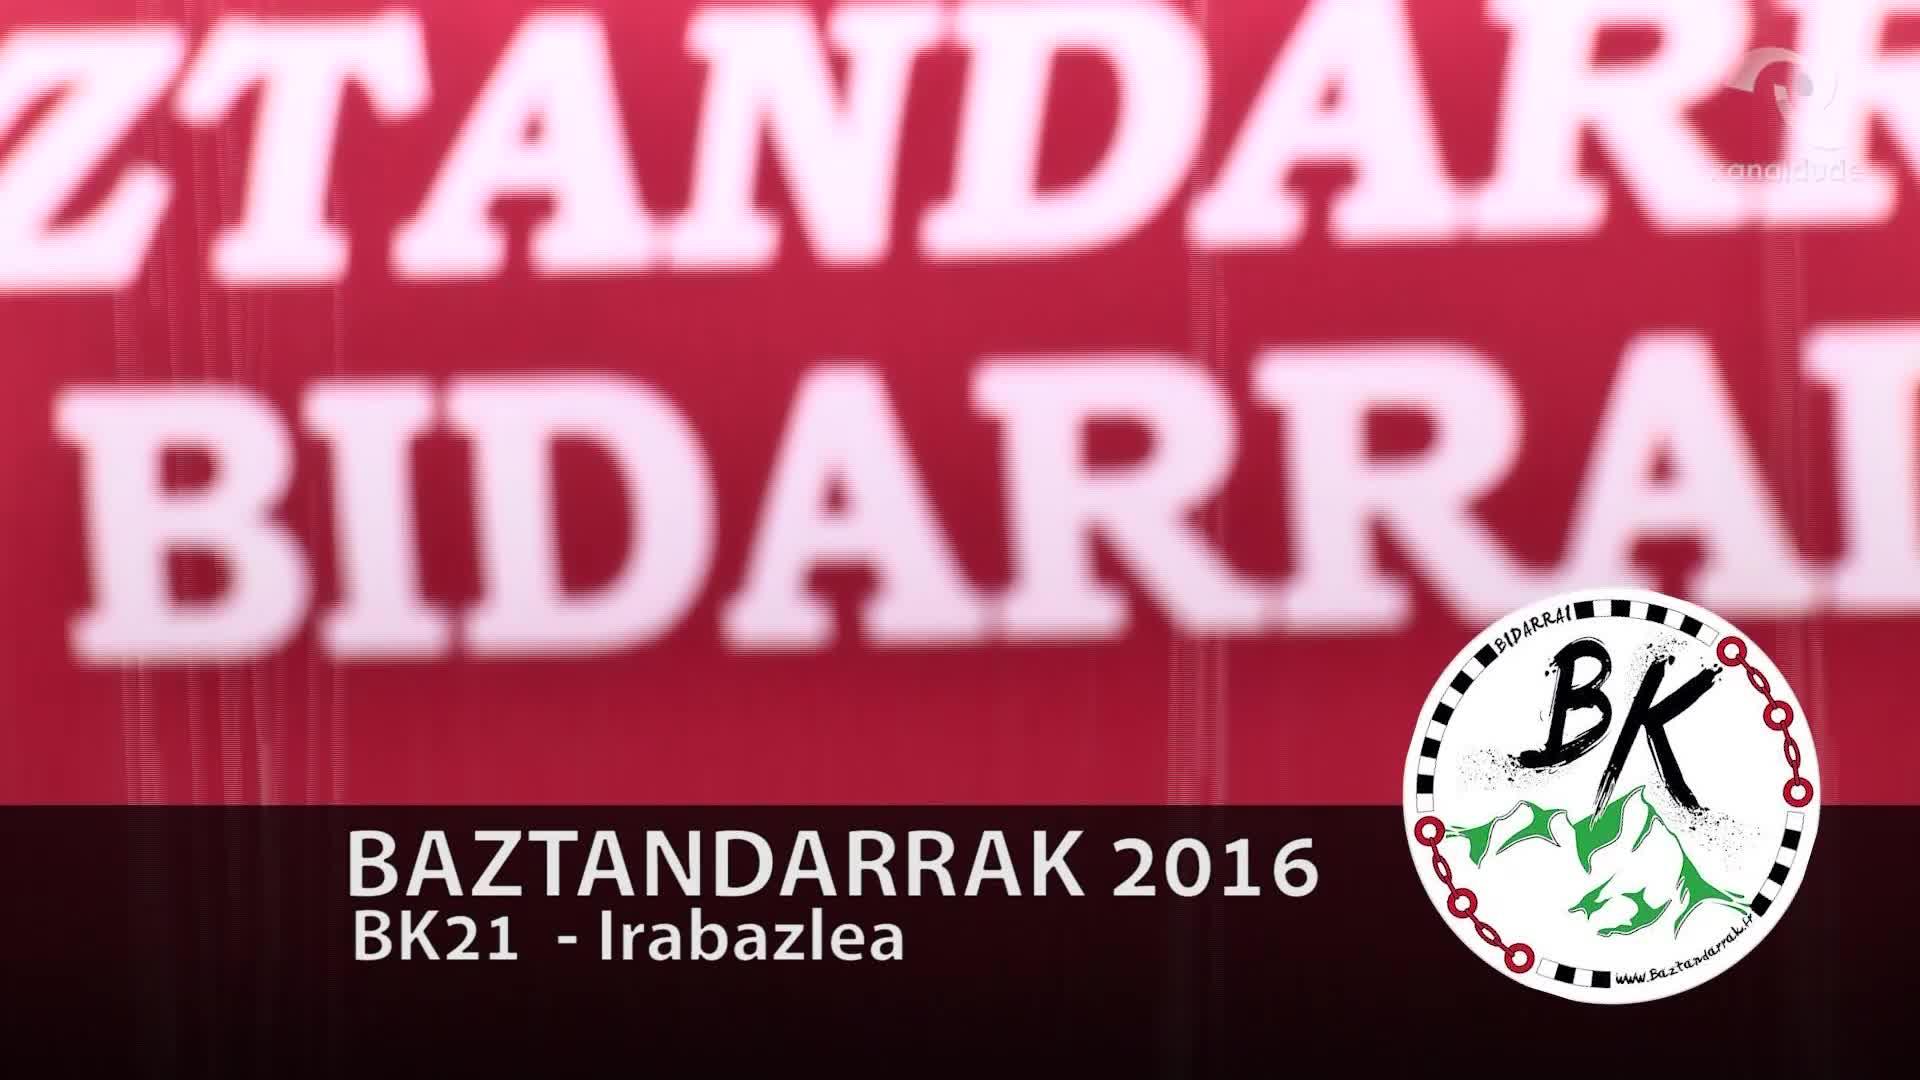 BAZTANDARRAK 2016 BK21 Lehen heltzea